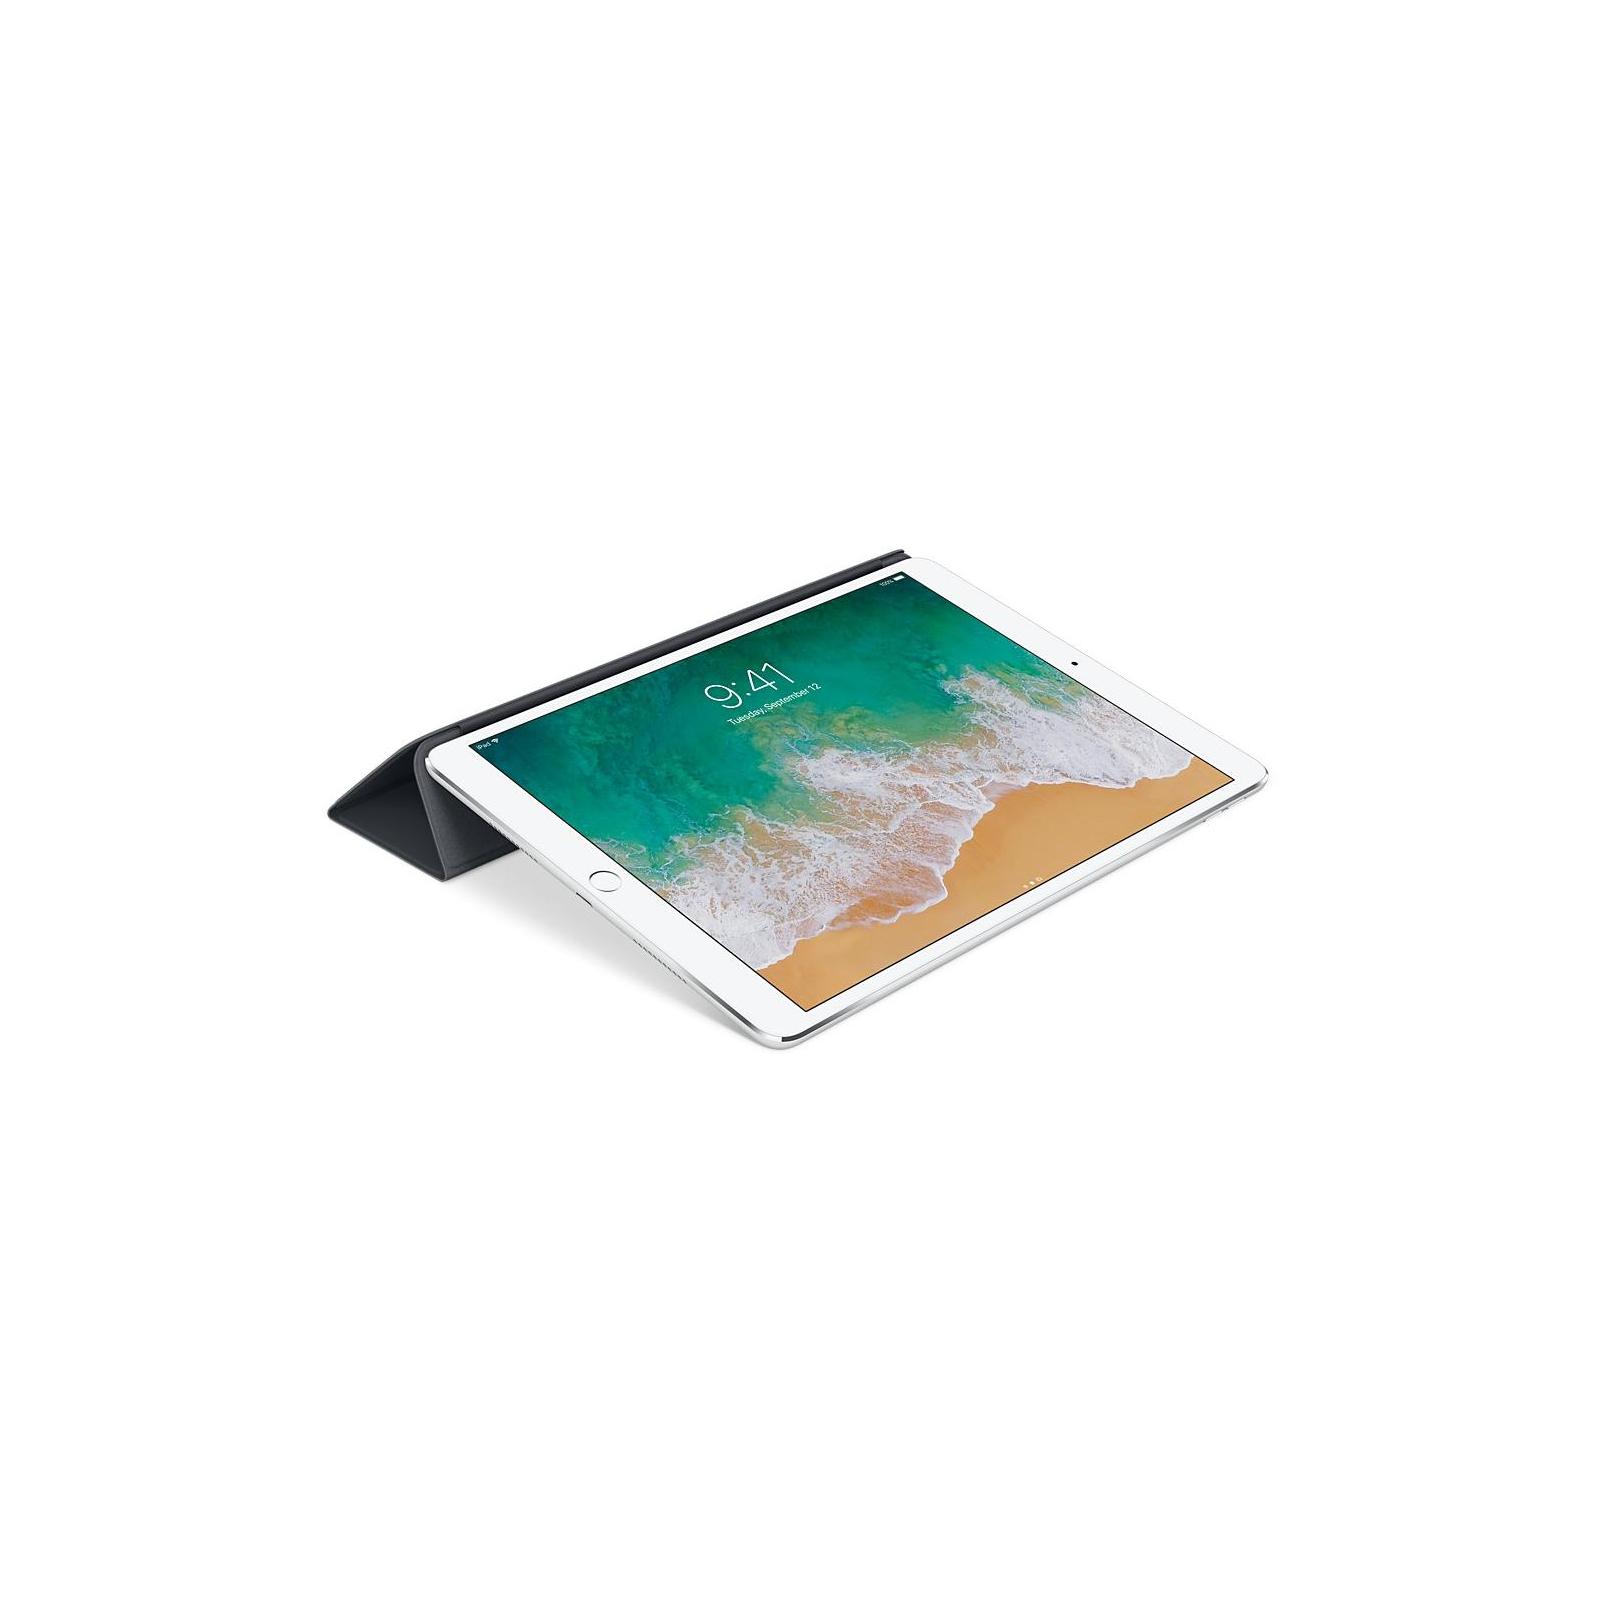 Чехол для планшета Apple Smart Cover for 10.5‑inch iPad Pro - Charcoal Gray (MQ082ZM/A) изображение 5